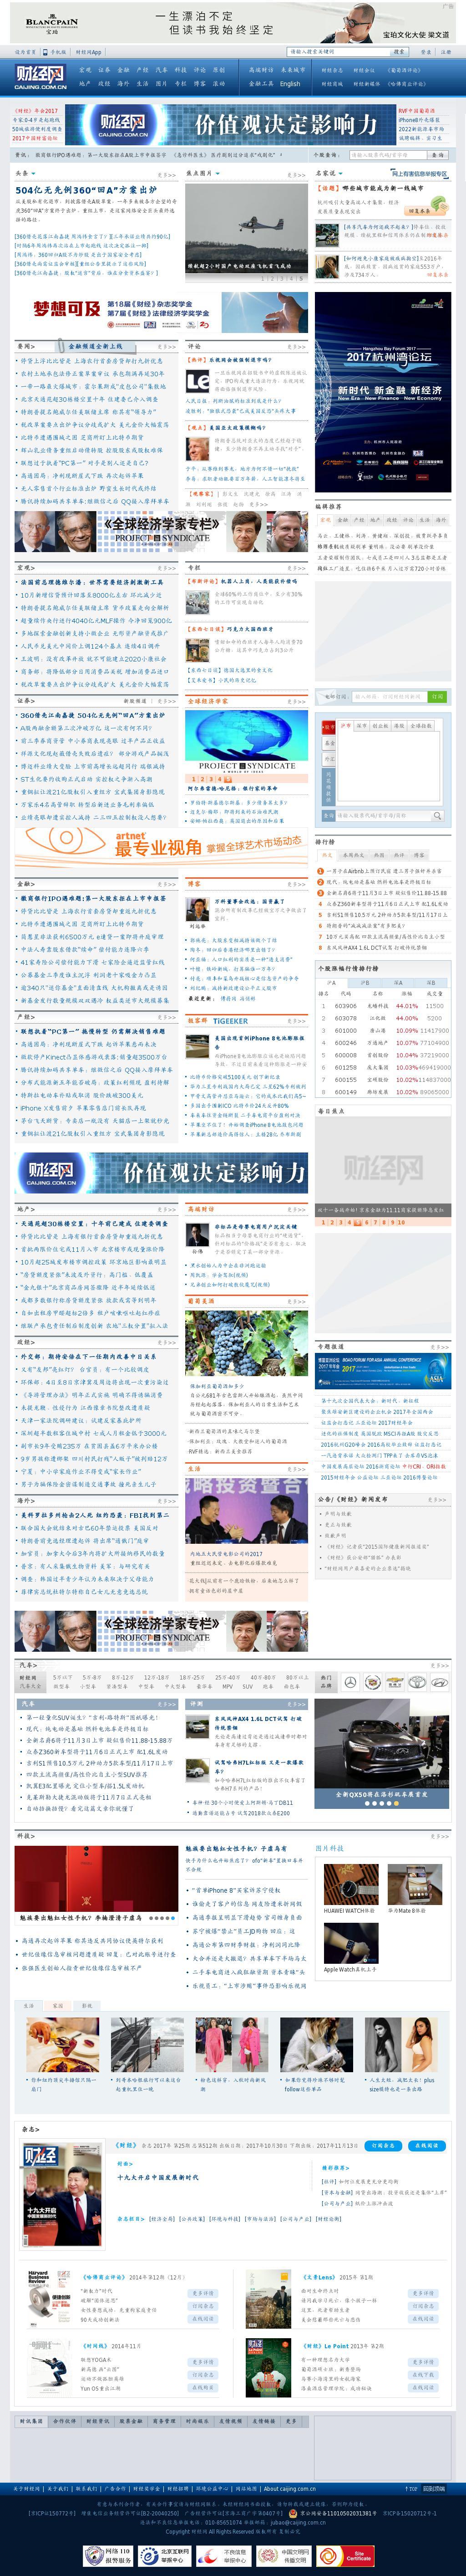 Caijing at Friday Nov. 3, 2017, 3 a.m. UTC